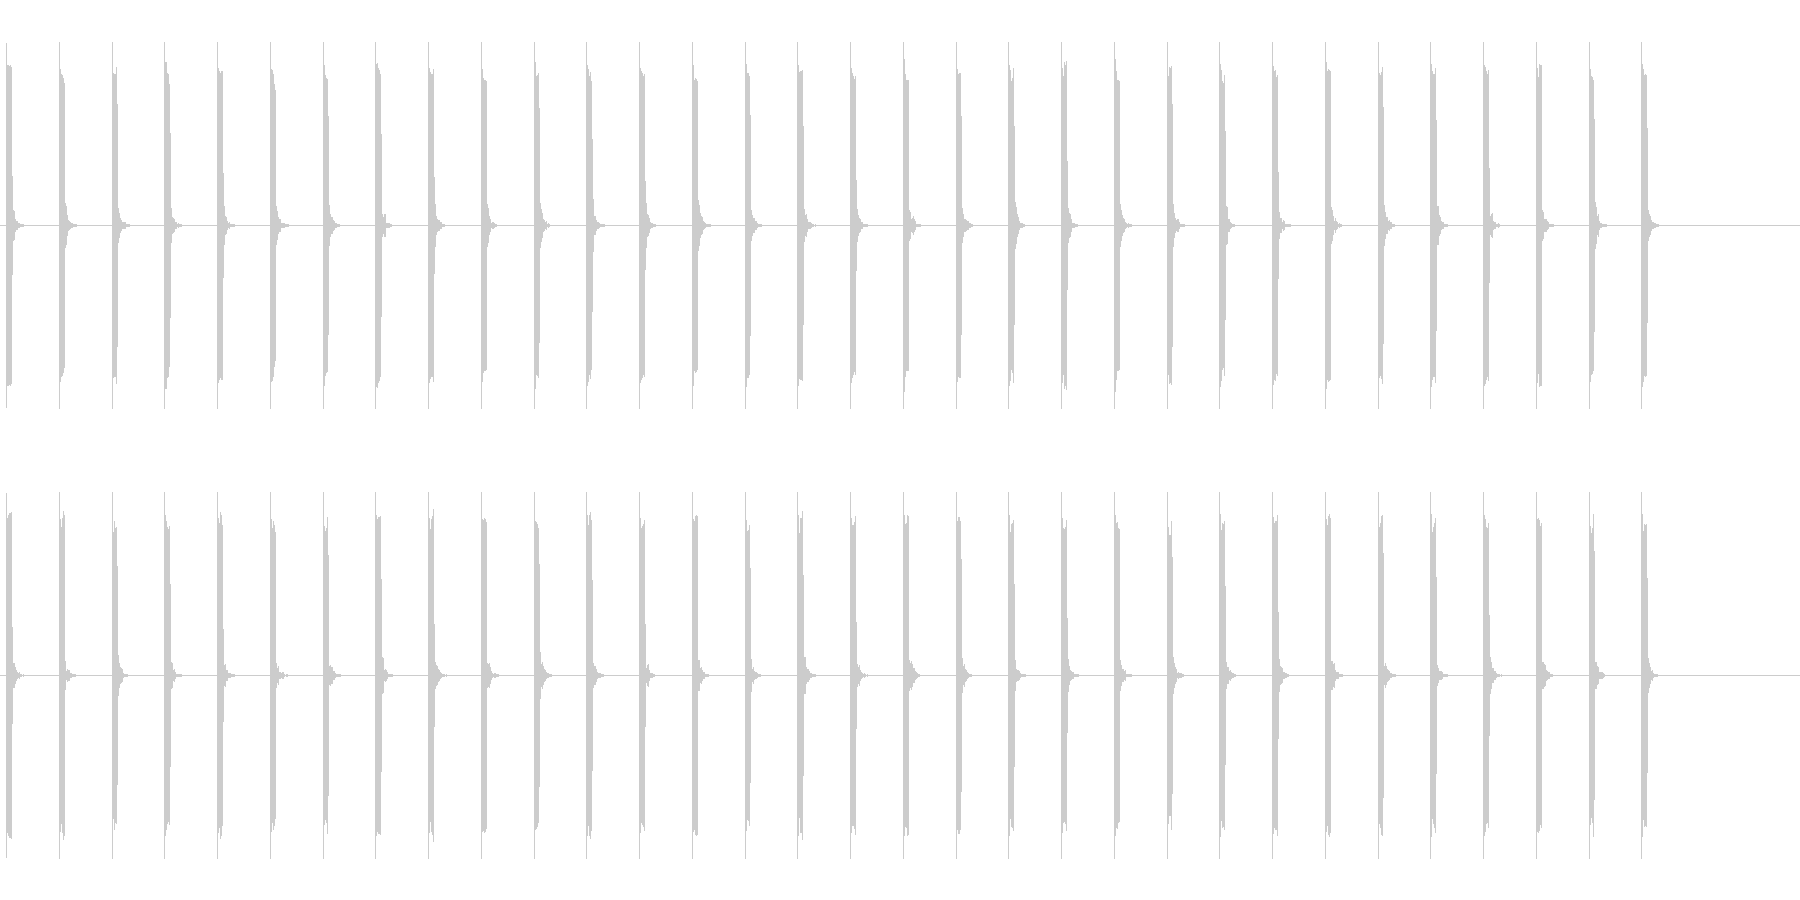 心電図の音-2-1(BPM40)の未再生の波形